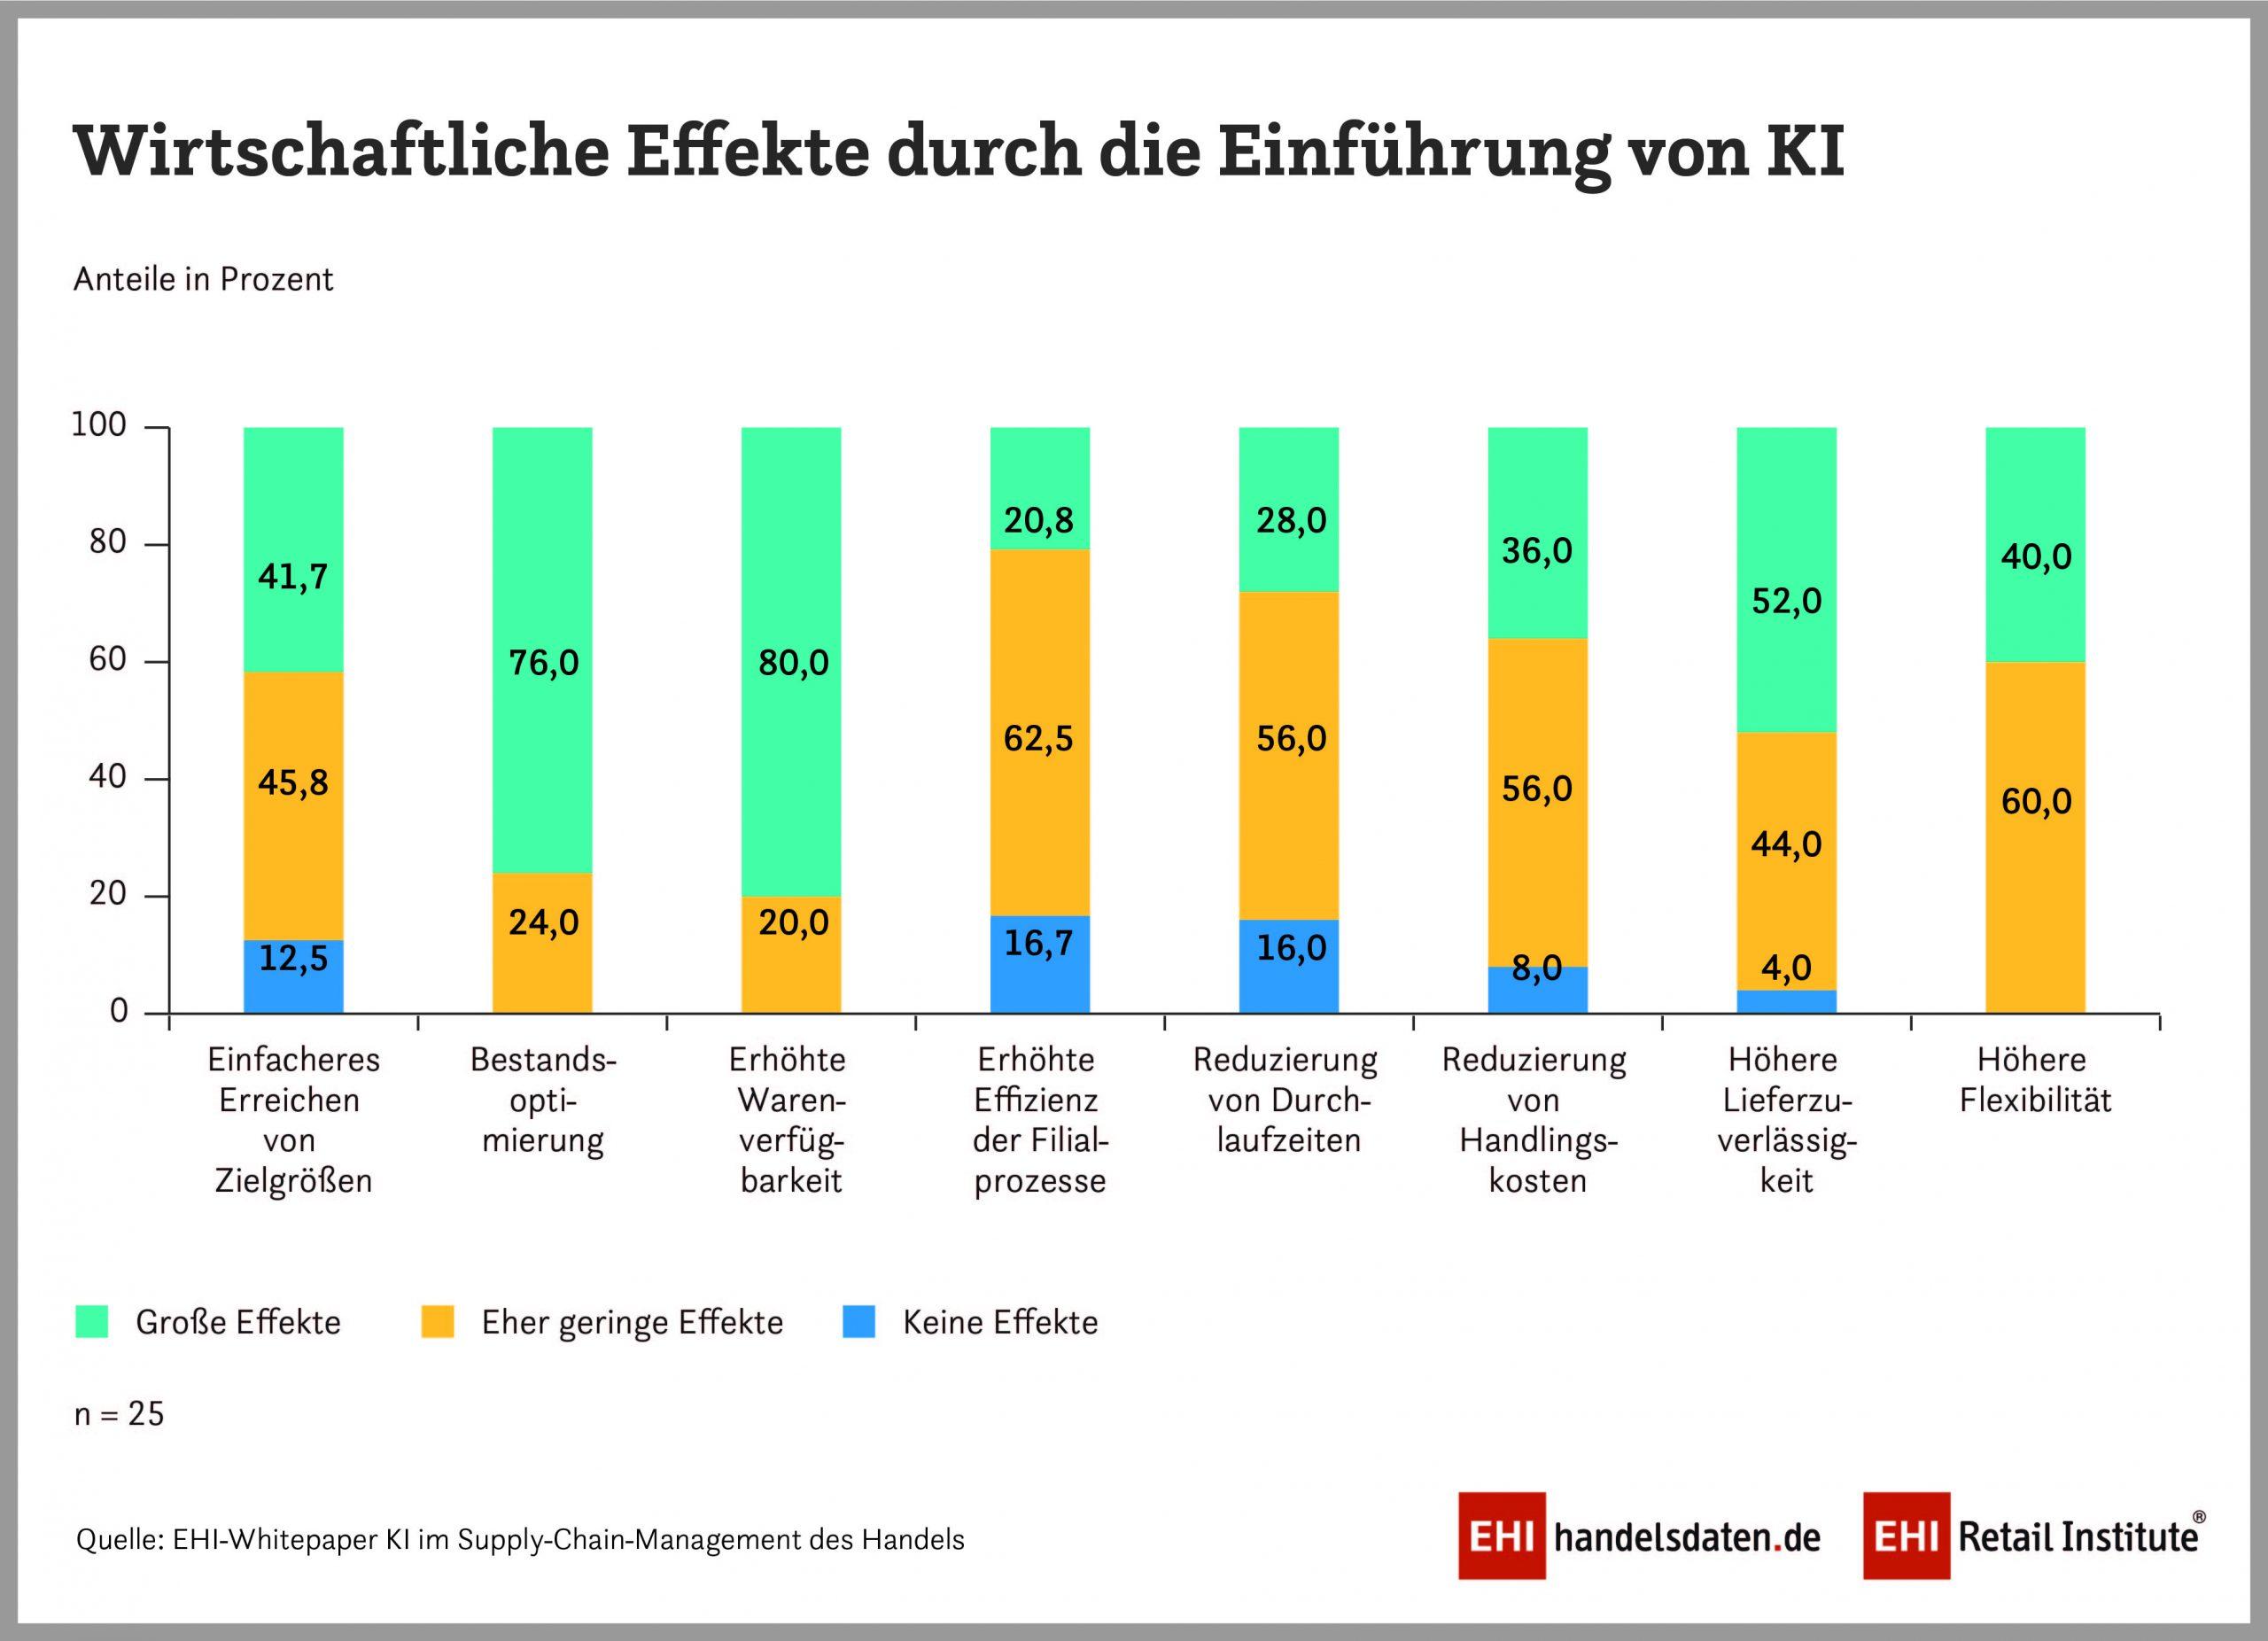 EHI-Grafik: Wirtschaftliche Effekte durch Einführung von KI